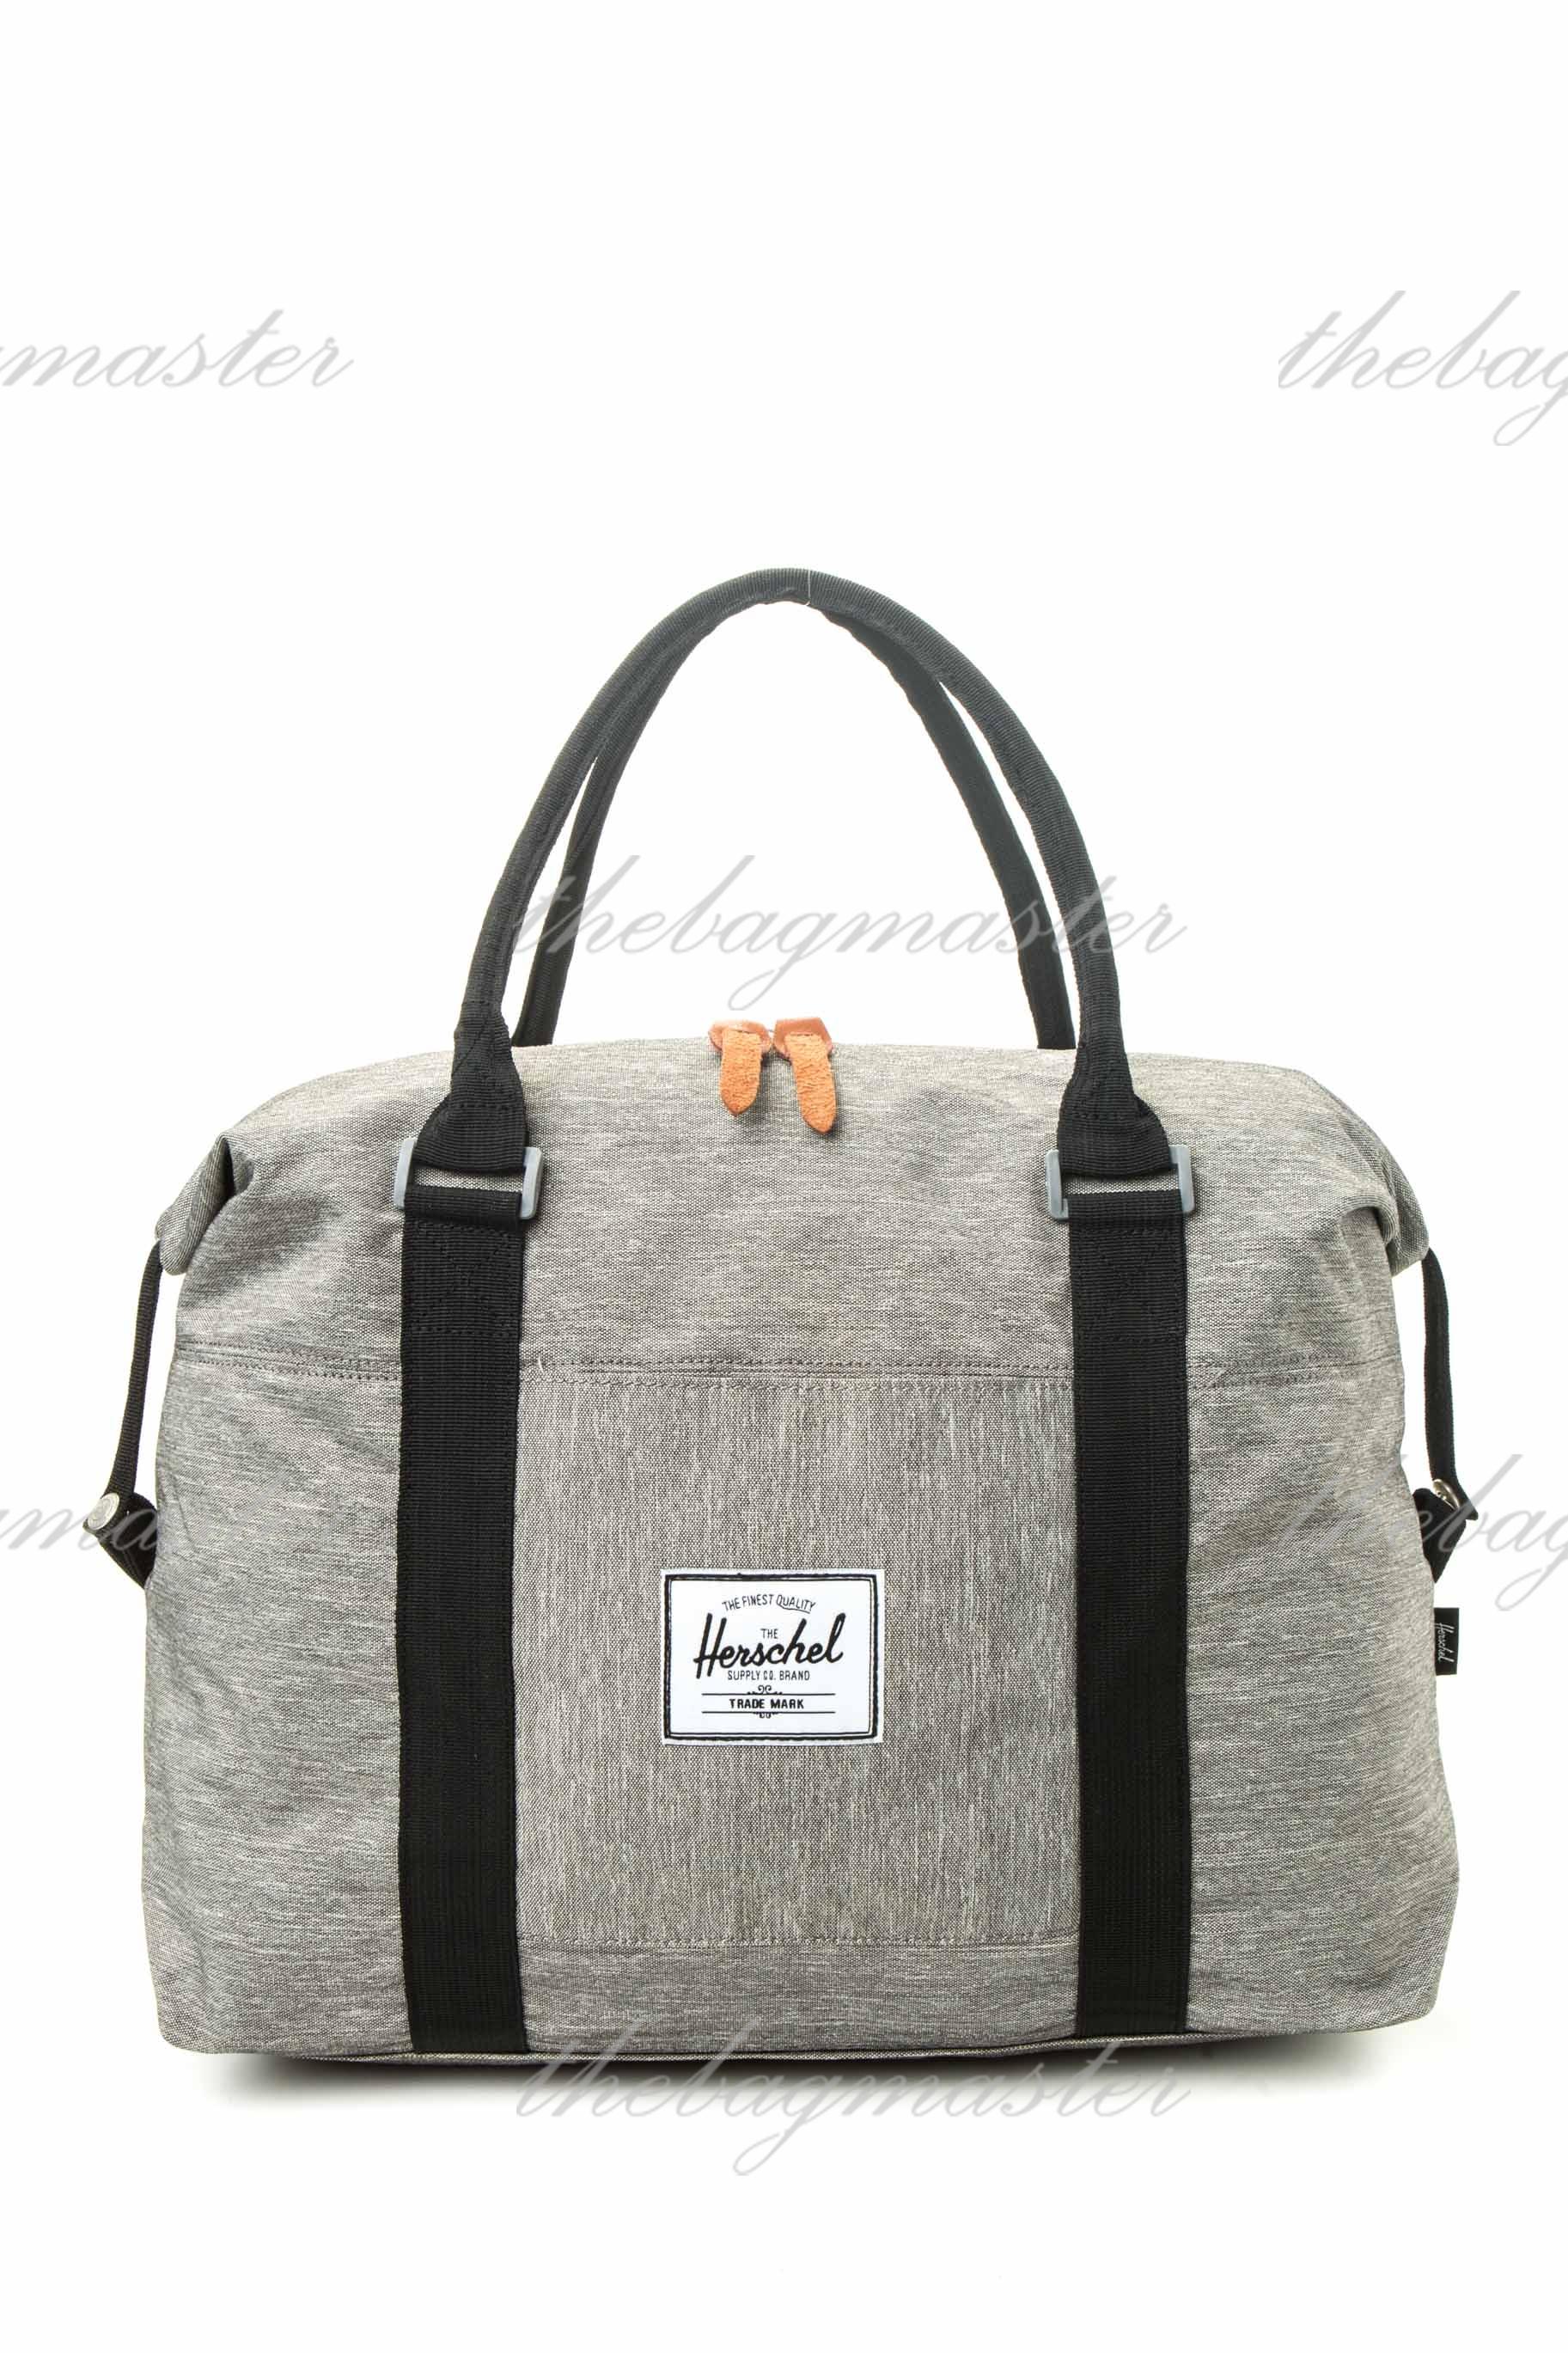 Herschel Stores | Herschel Outlet | Herschel Duffle Bag